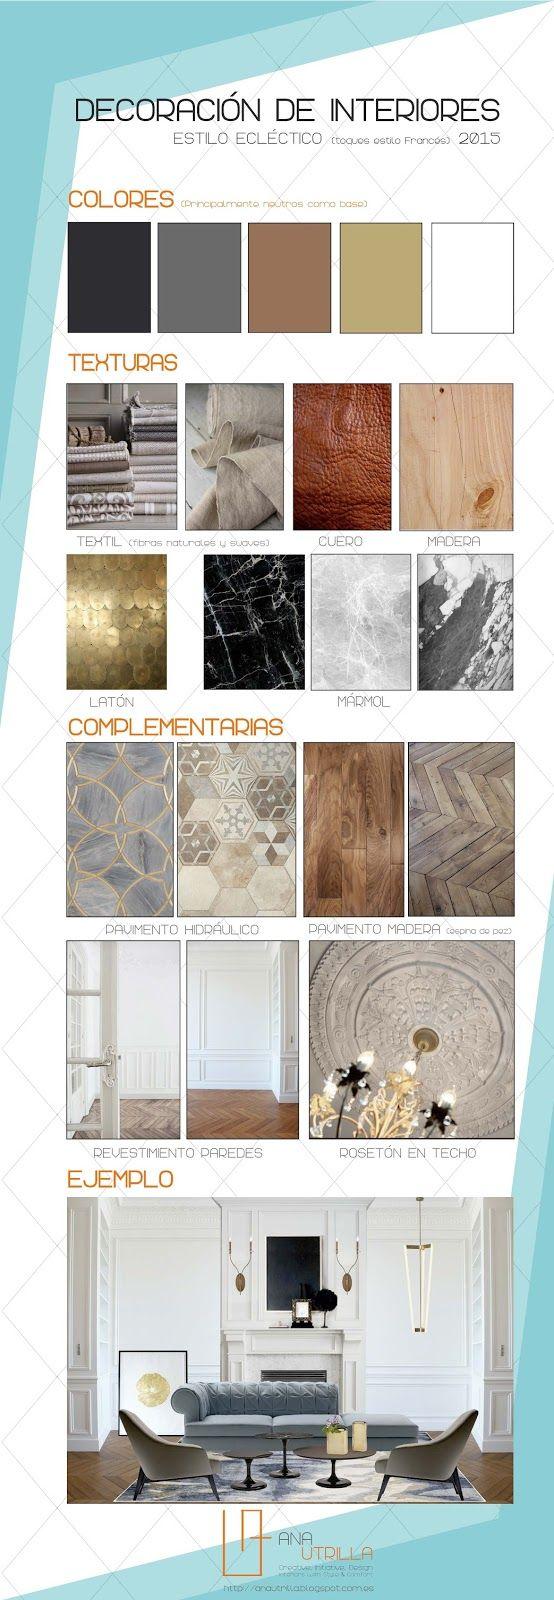 #Infografía #Cómodecorar con estilo #ecléctico elegante por Ana Utrilla. Info@anautrilla.com